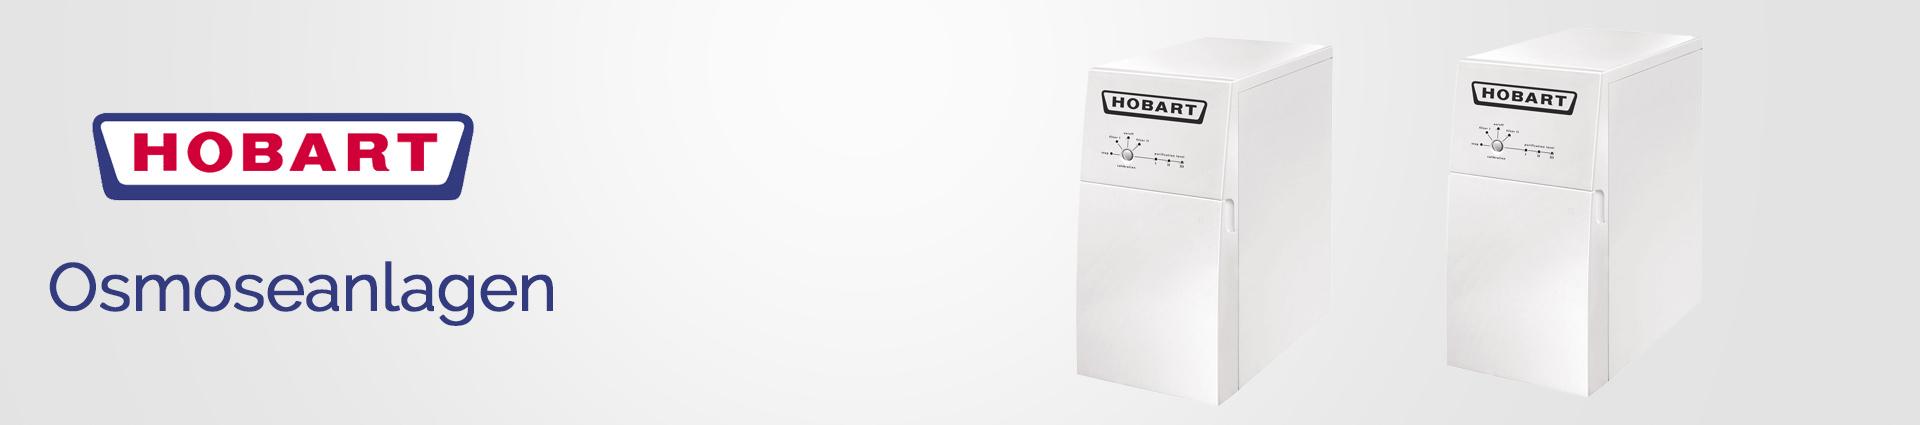 Hobart Osmoseanlagen Banner